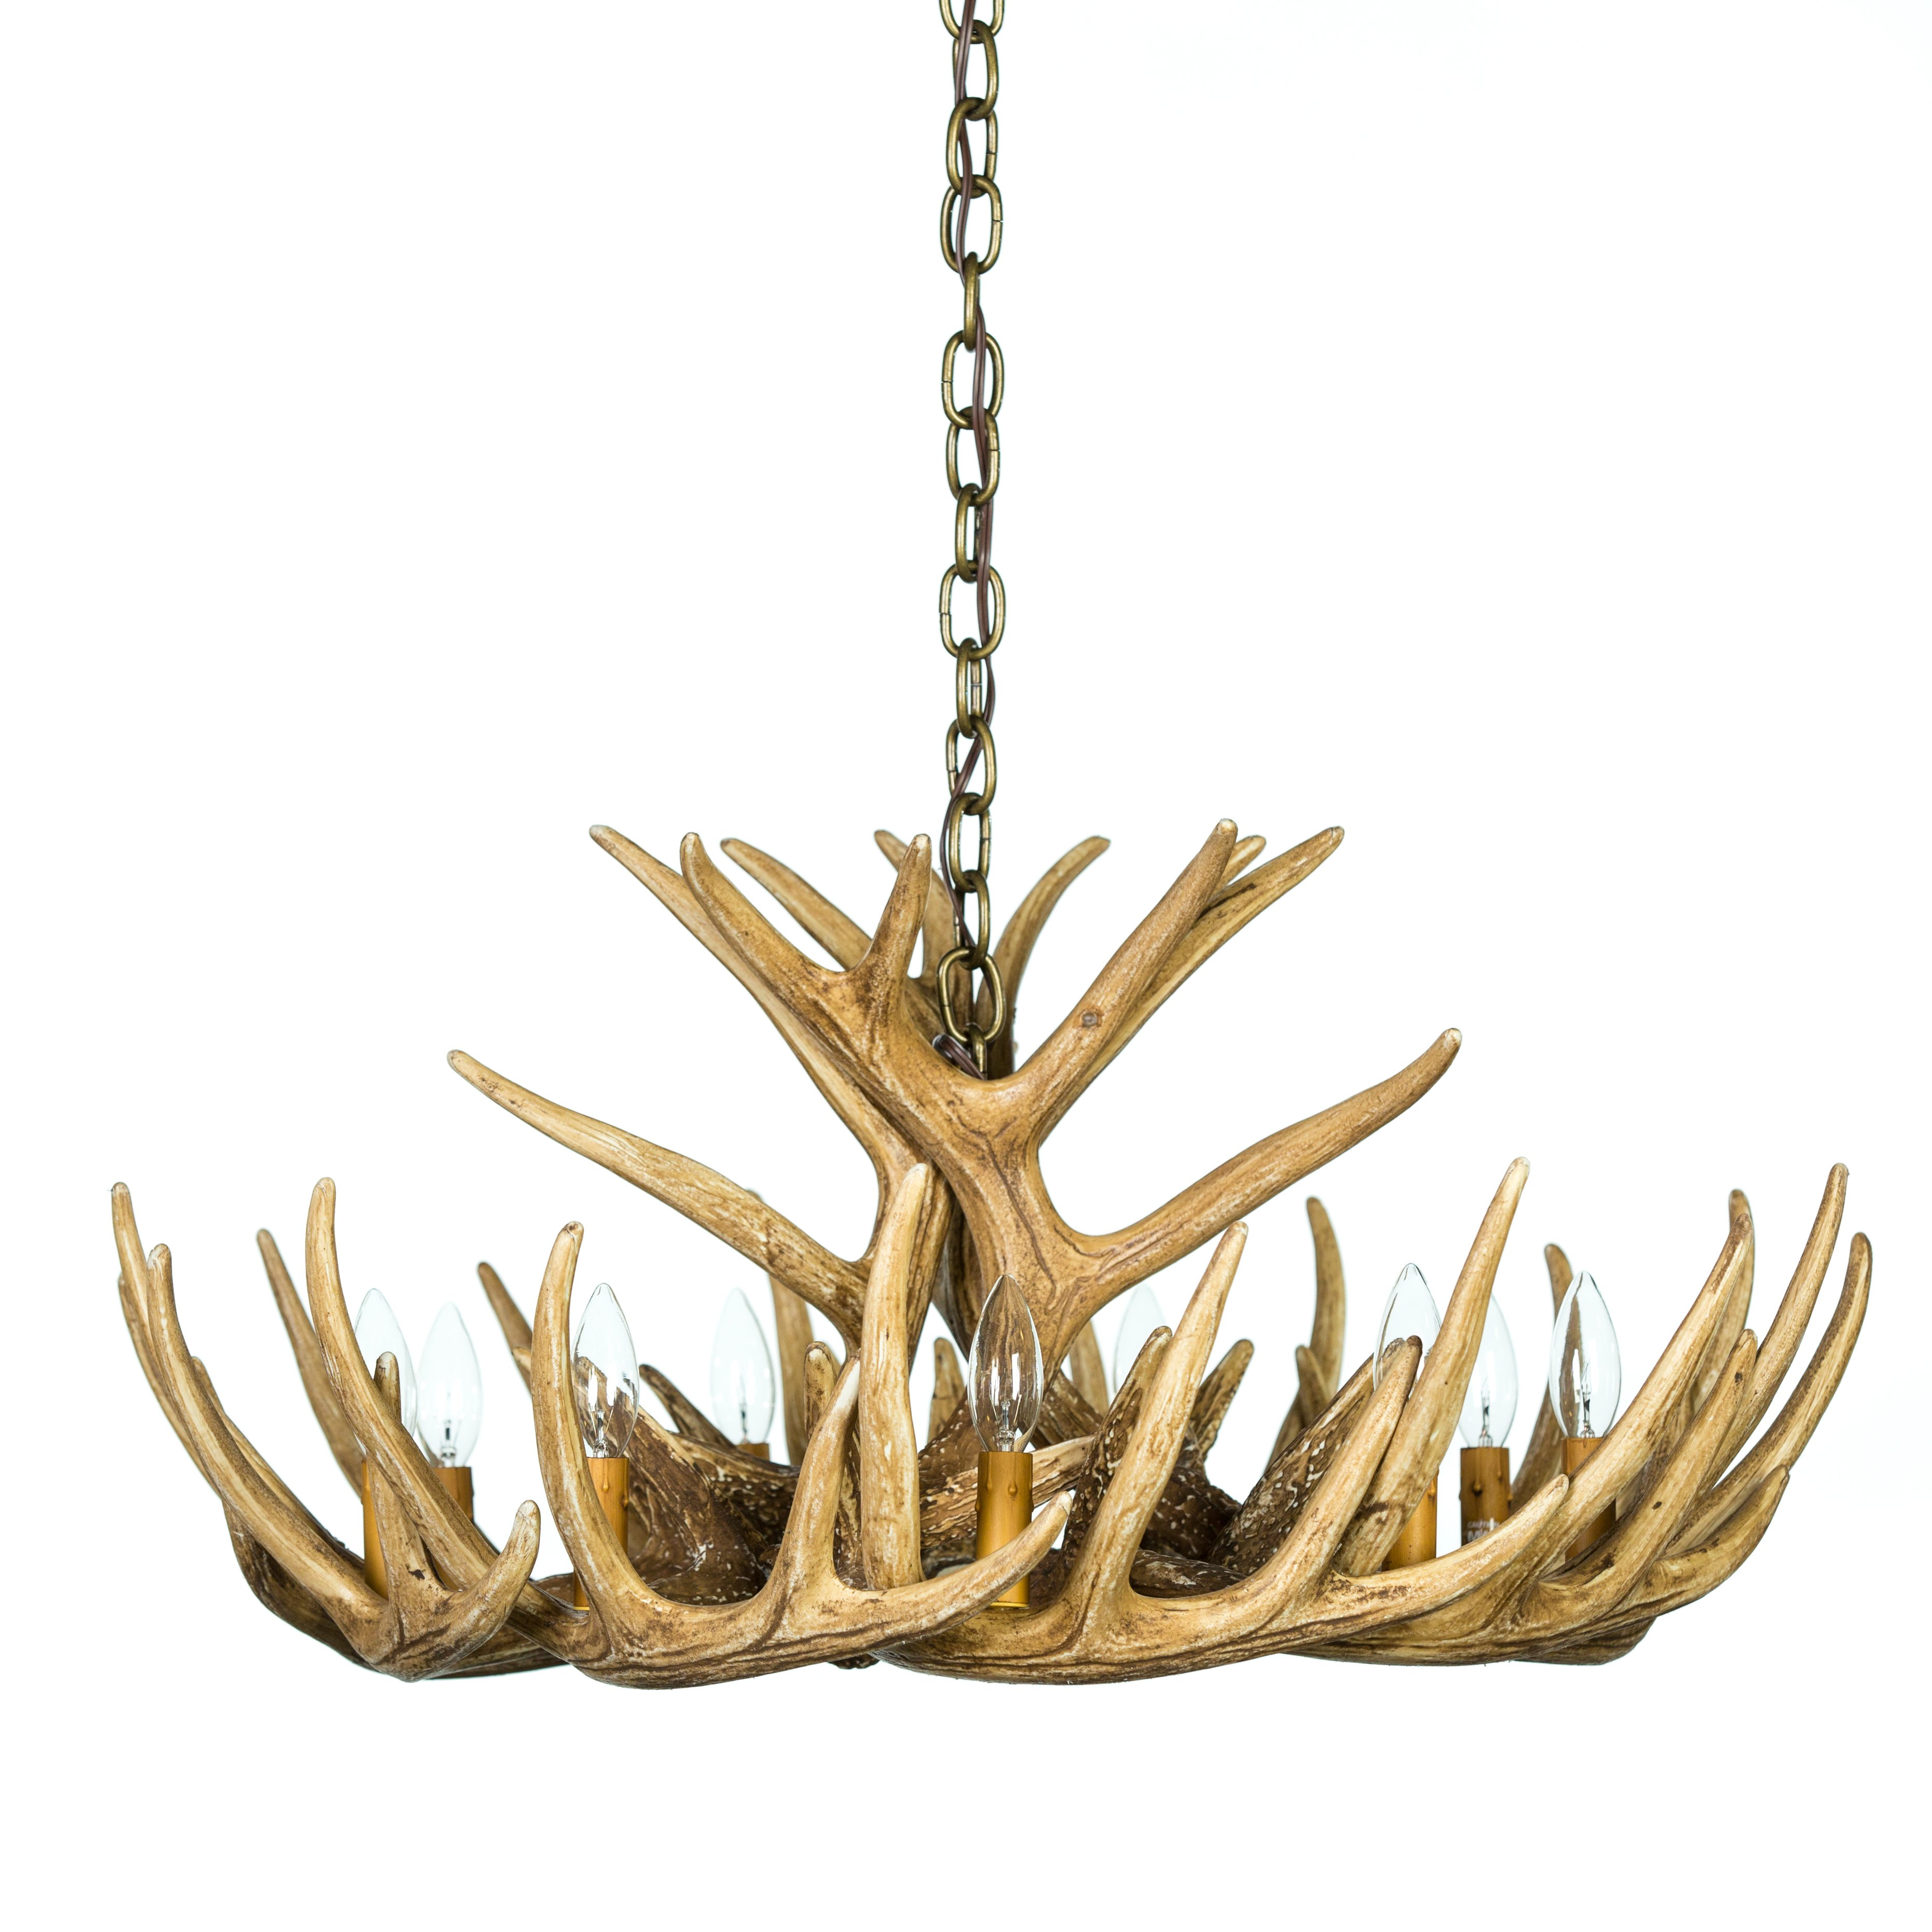 Whitetail Deer 12 Antler Chandelier Cast Horn Deisigns